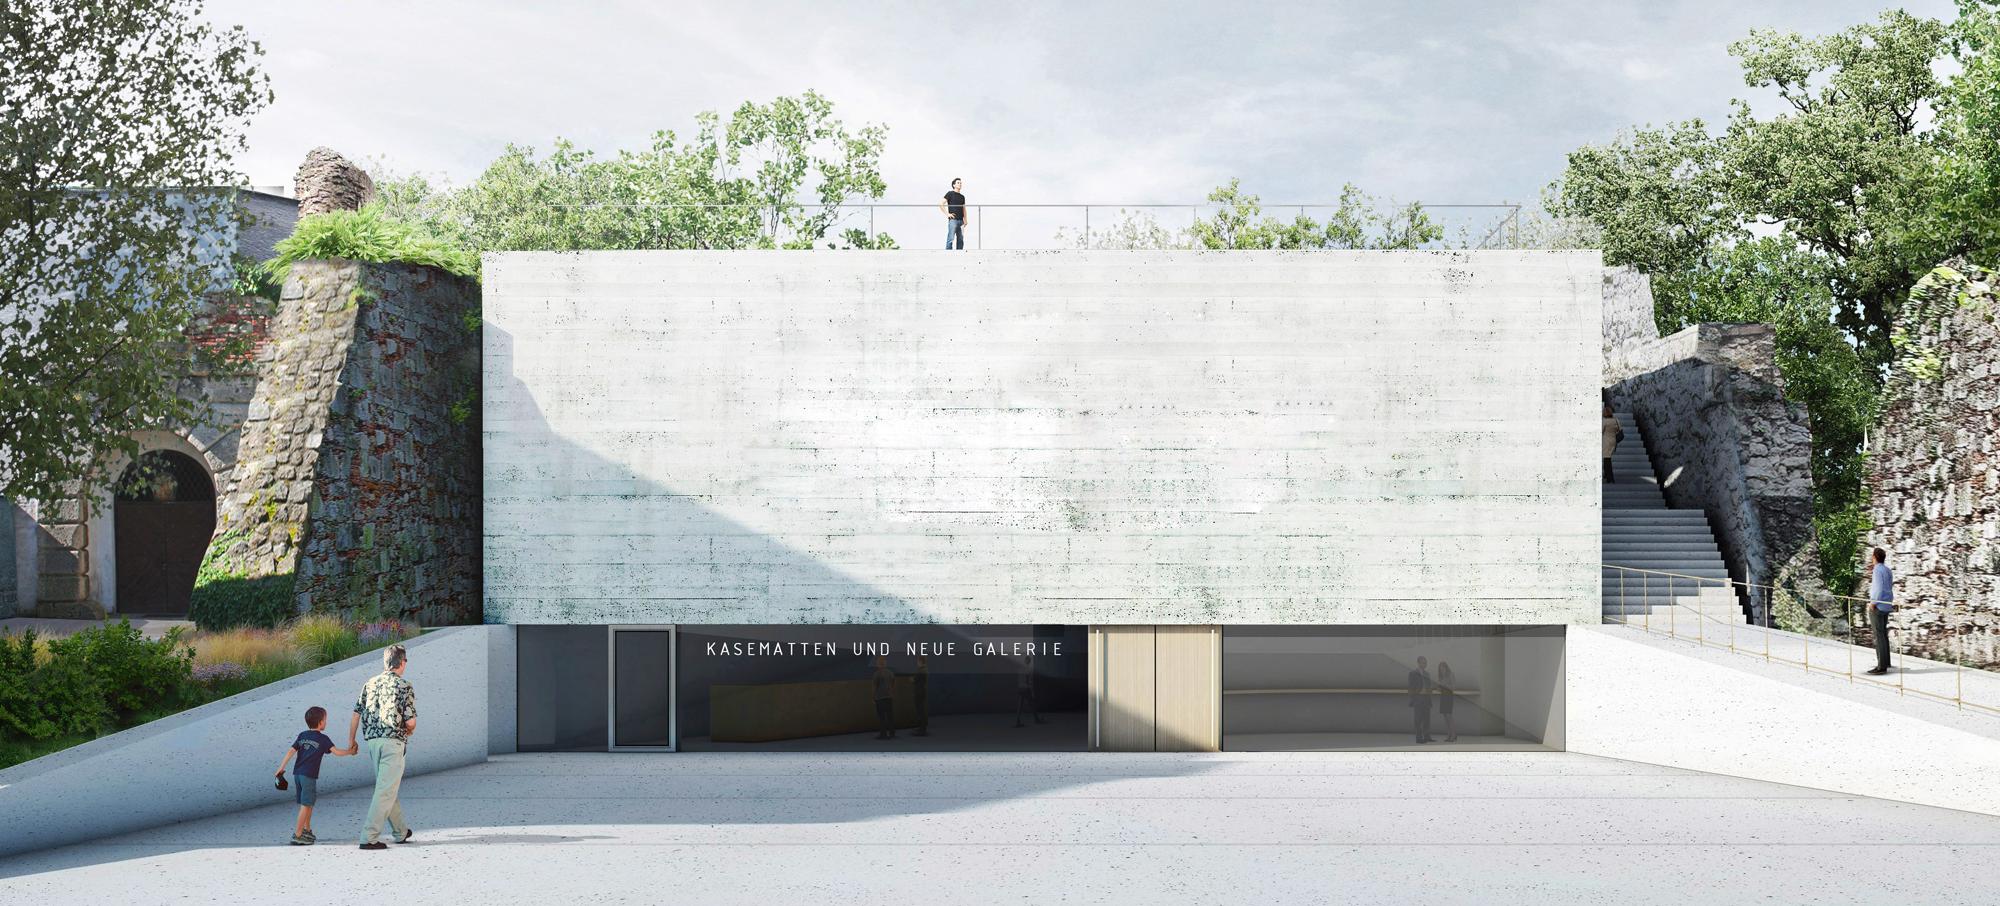 Ausstellungsstandort: Kasematten in Wiener Neustadt. © Bevk Perovic arhitekti